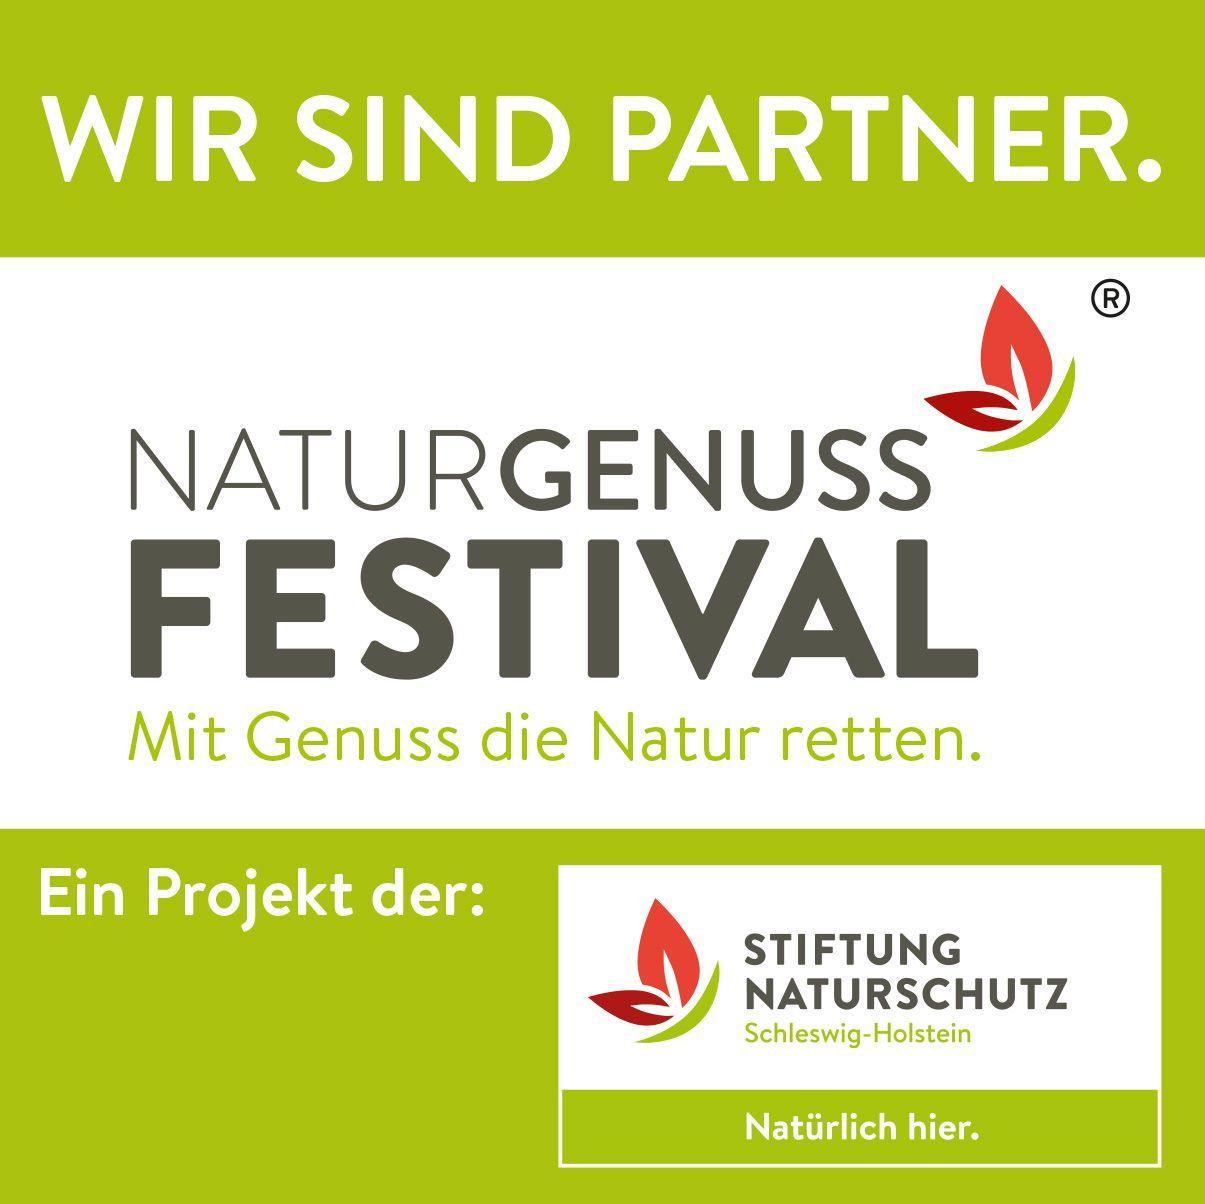 Naturgenussfestival